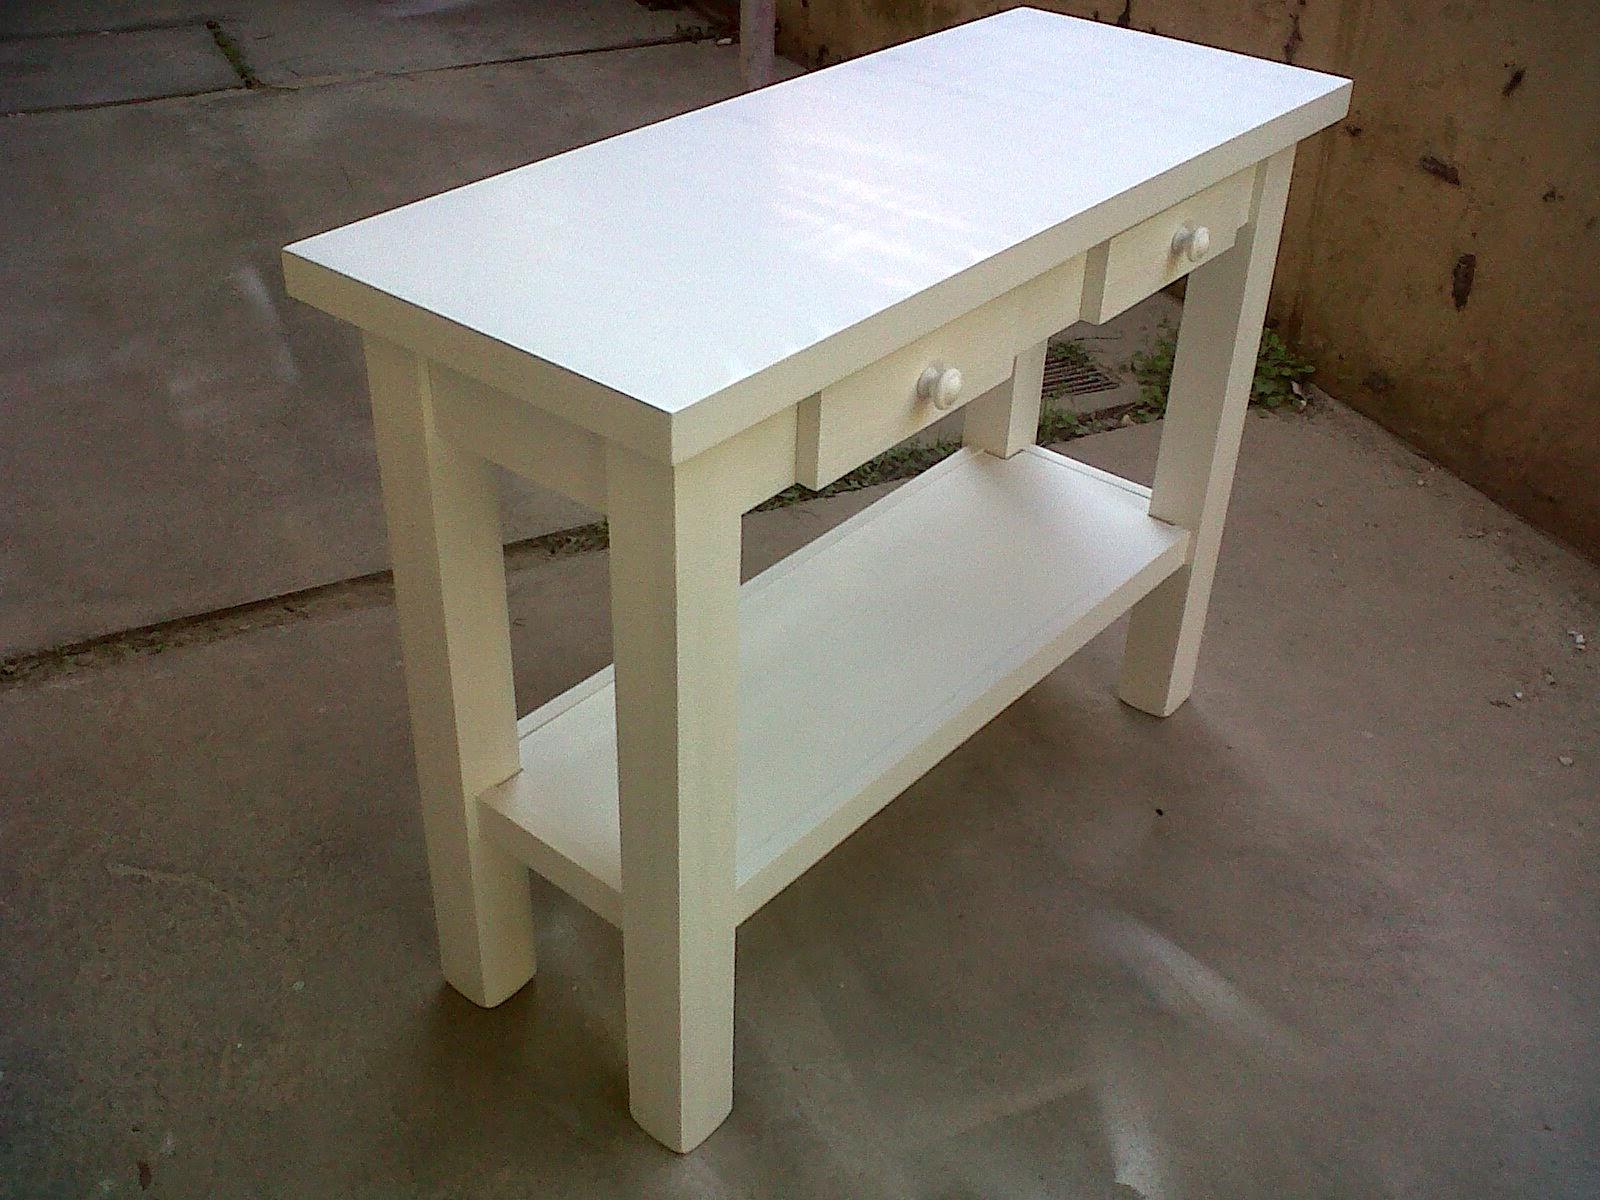 Muebles De Pino Tldn Muebles Nuevo Espacio Muebles De Pino Laqueados